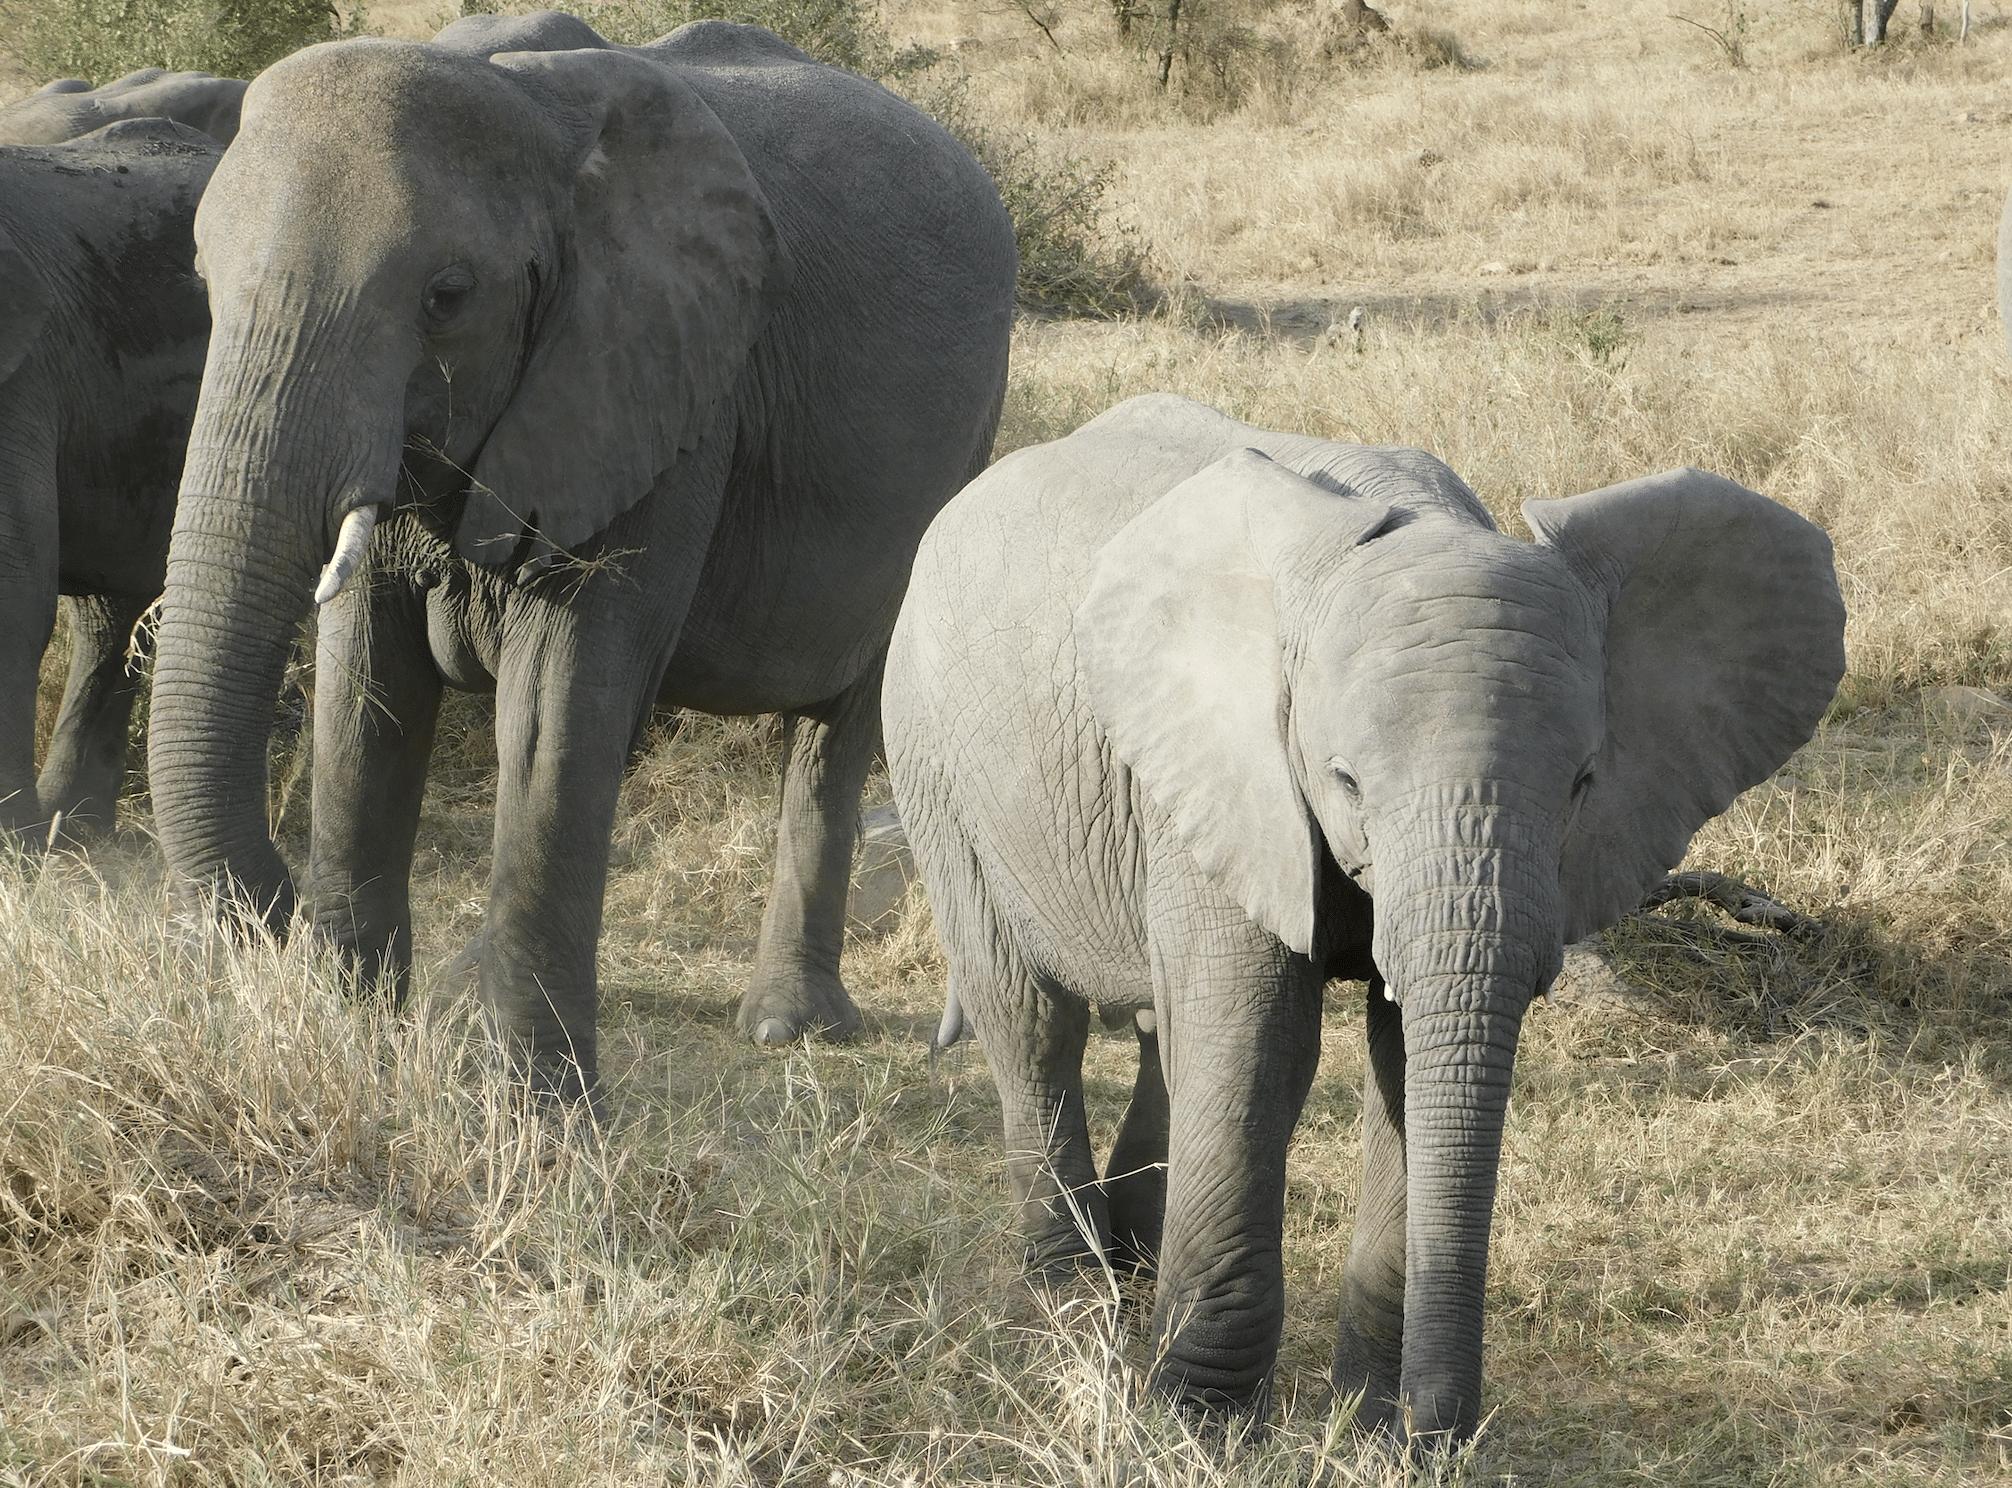 un elephanteau dans le parc national du serengeti